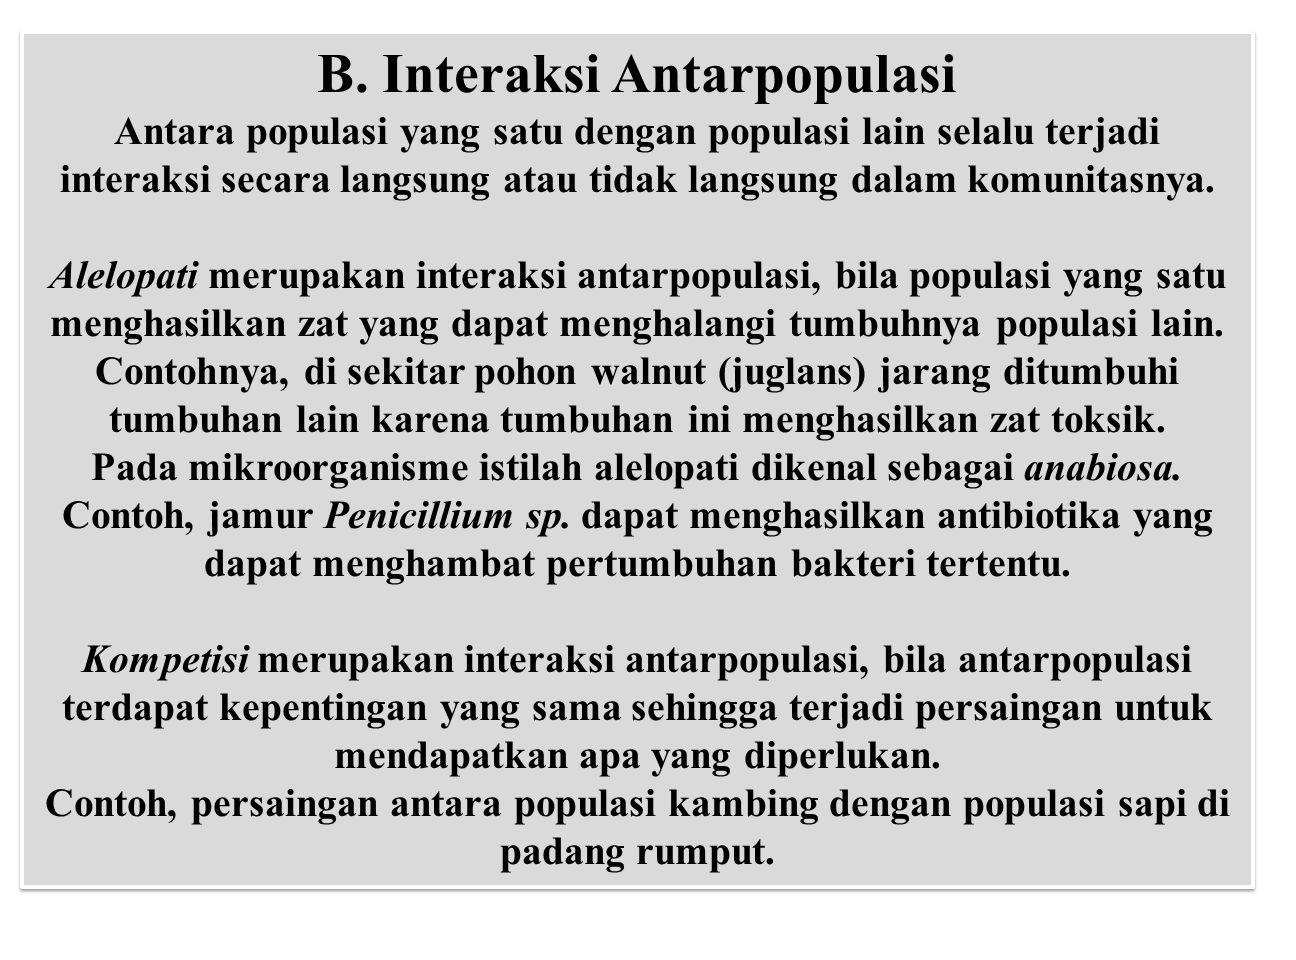 B. Interaksi Antarpopulasi Antara populasi yang satu dengan populasi lain selalu terjadi interaksi secara langsung atau tidak langsung dalam komunitas